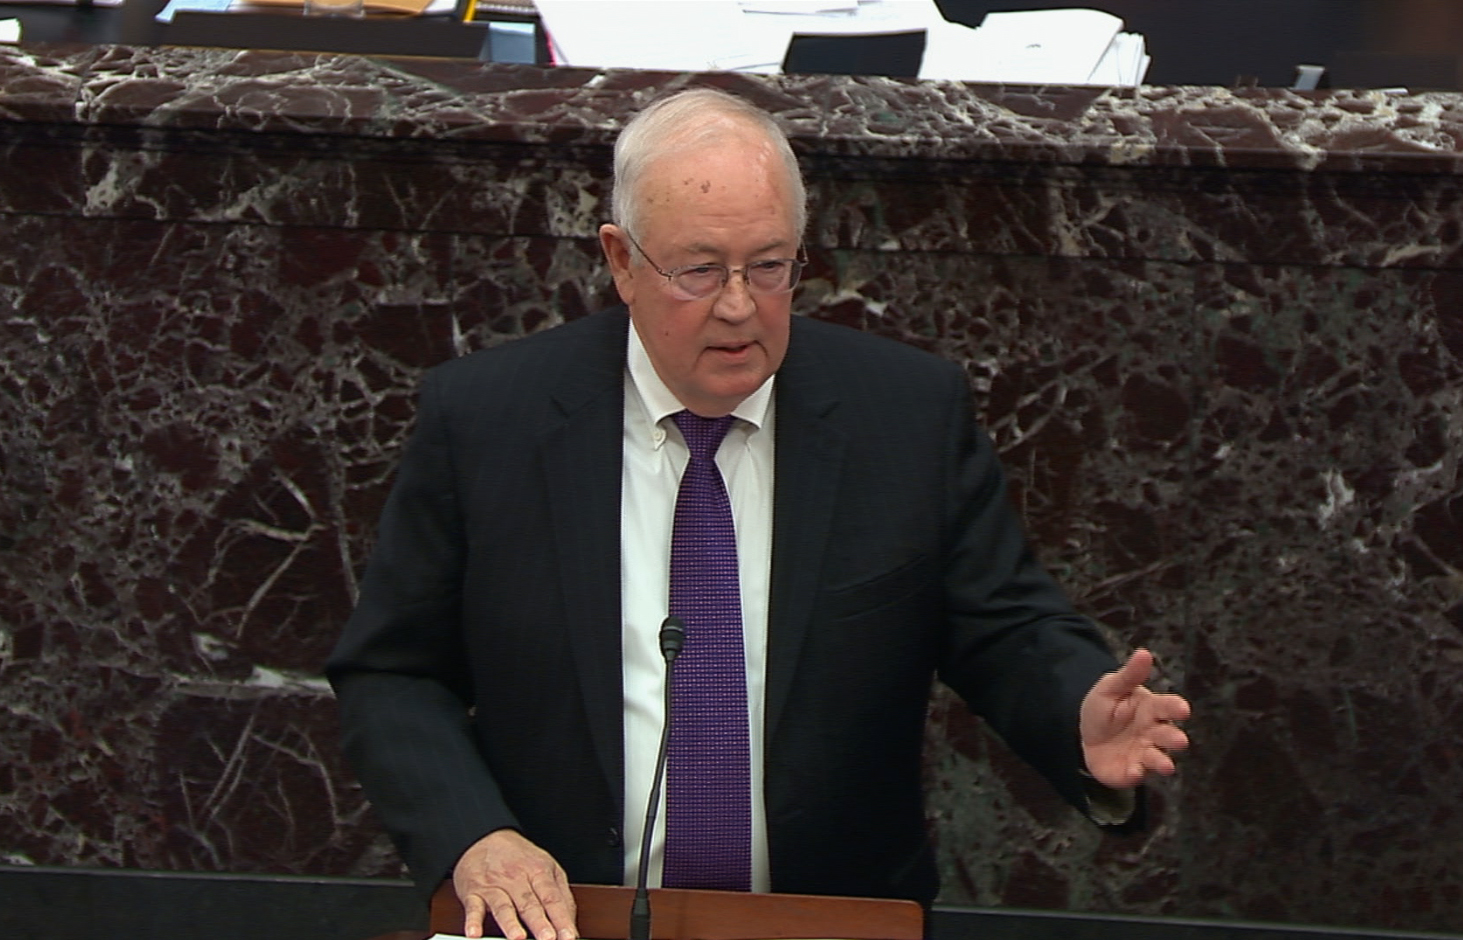 下周,美國參議院將展開對前總統特朗普的彈劾審判,美國前特別檢察官肯·斯塔爾(Ken Starr)表示,參議院無權對一名前總統進行彈劾案審判。(HO/US Senate TV/AFP)